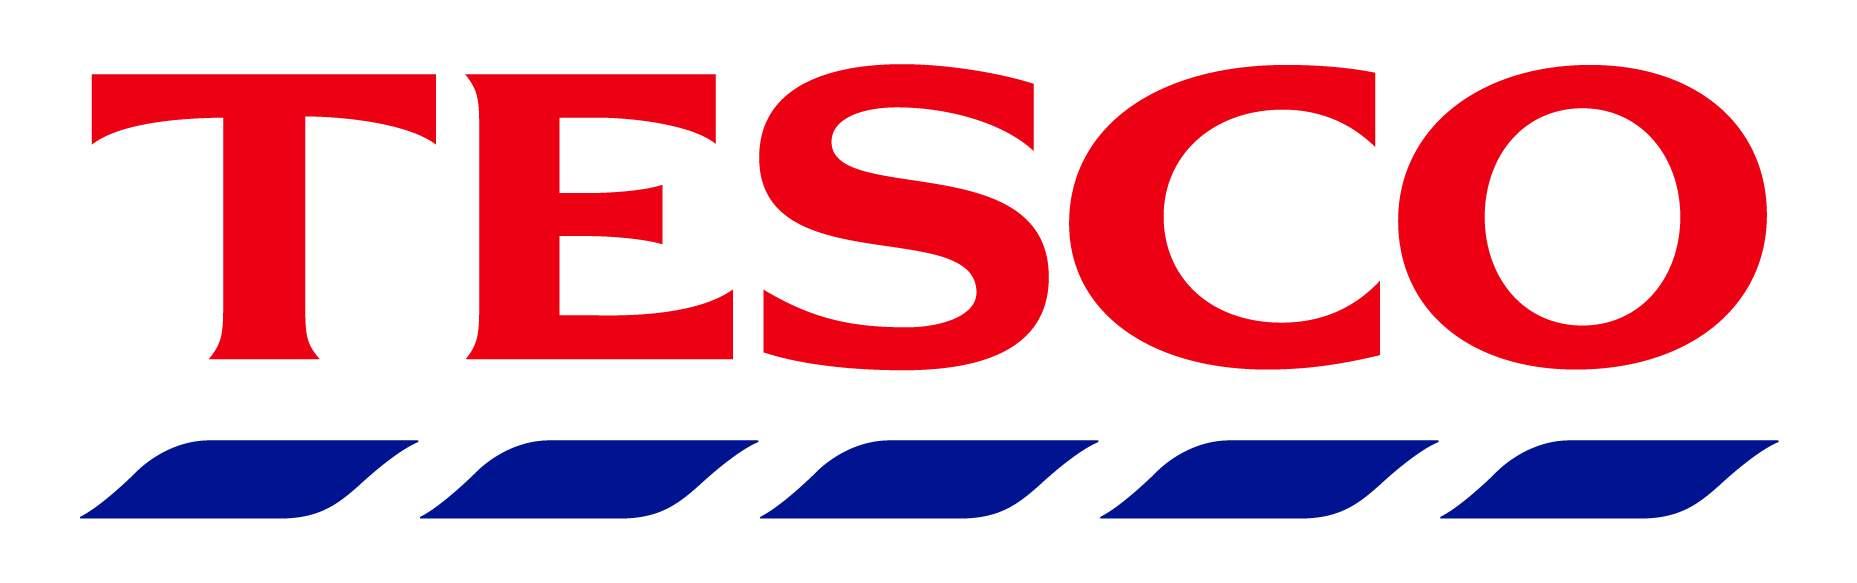 tesco-logo2.jpg